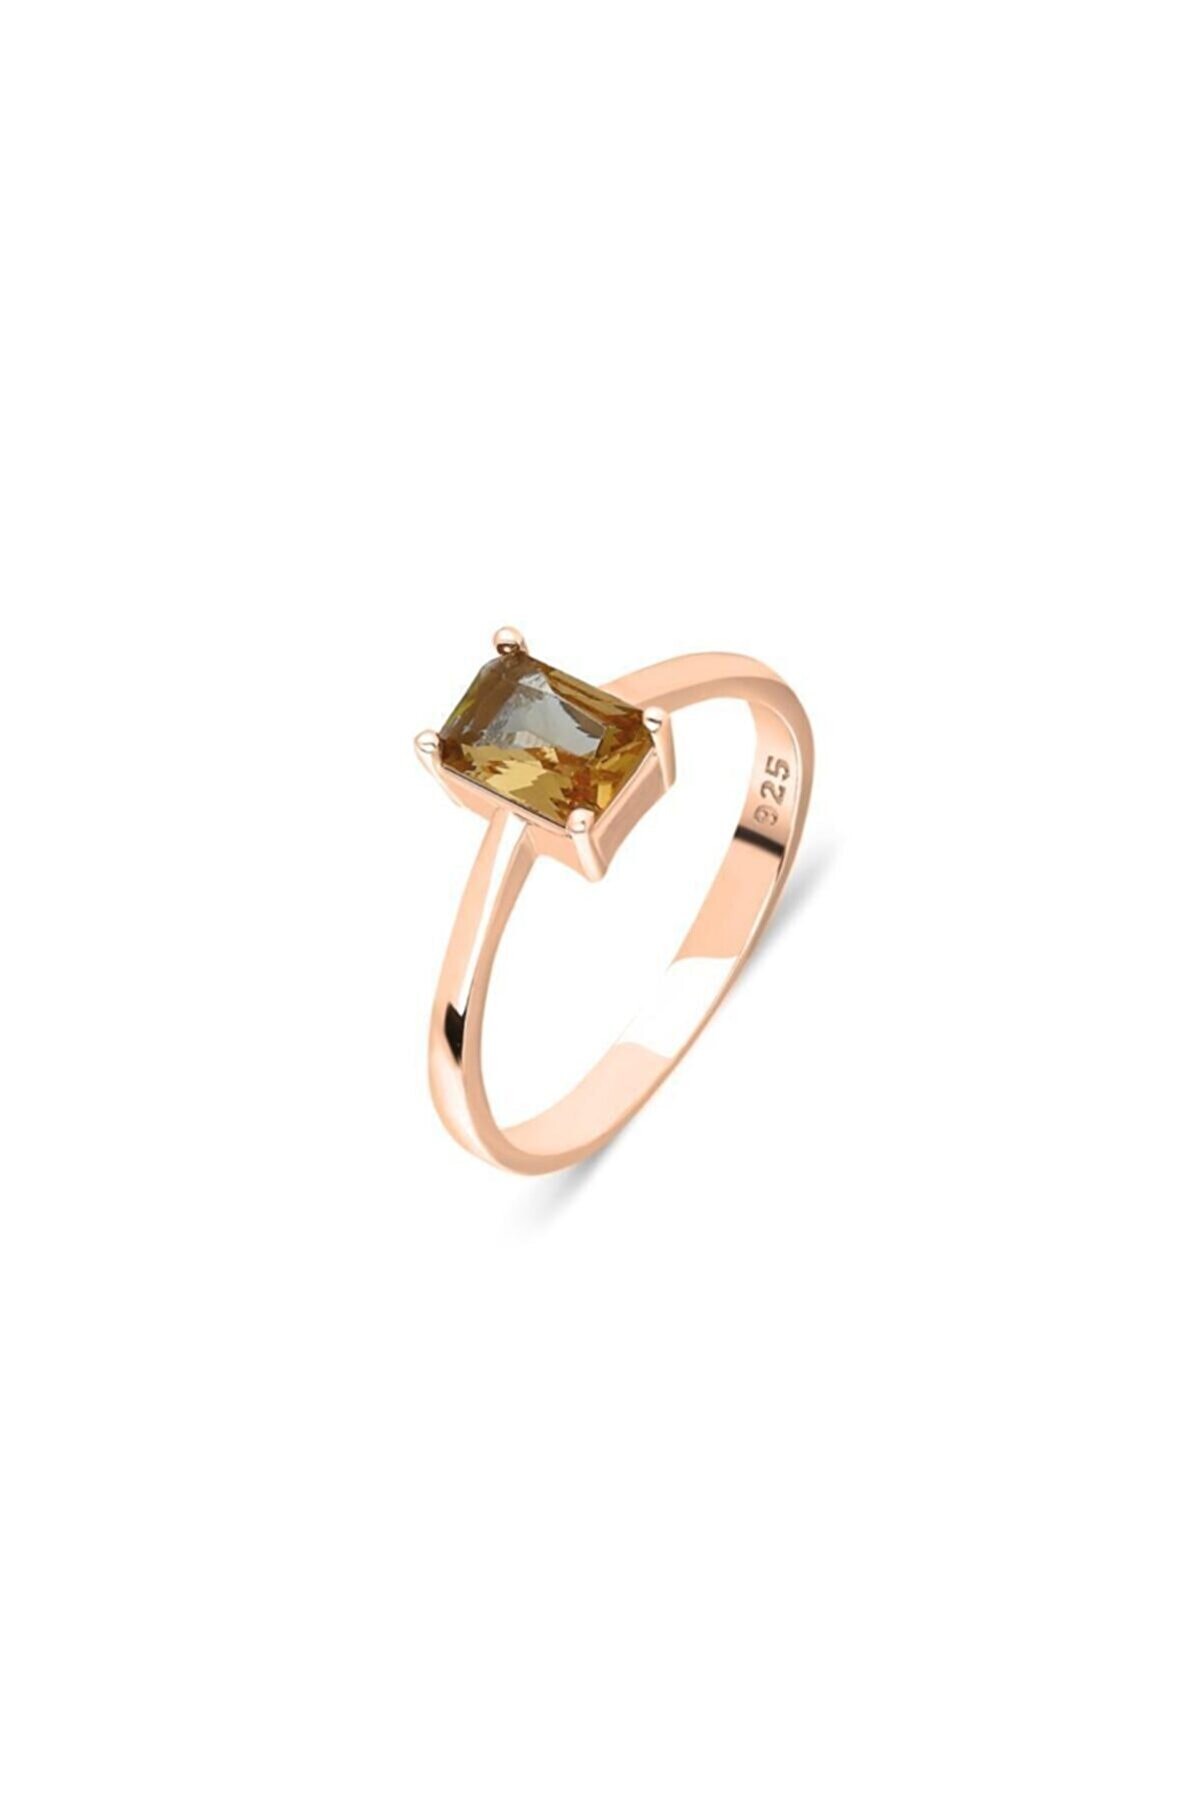 Aykat Roze Gümüş Yüzük Zultanit Taşlı Kadın Yüzüğü Yzk-353